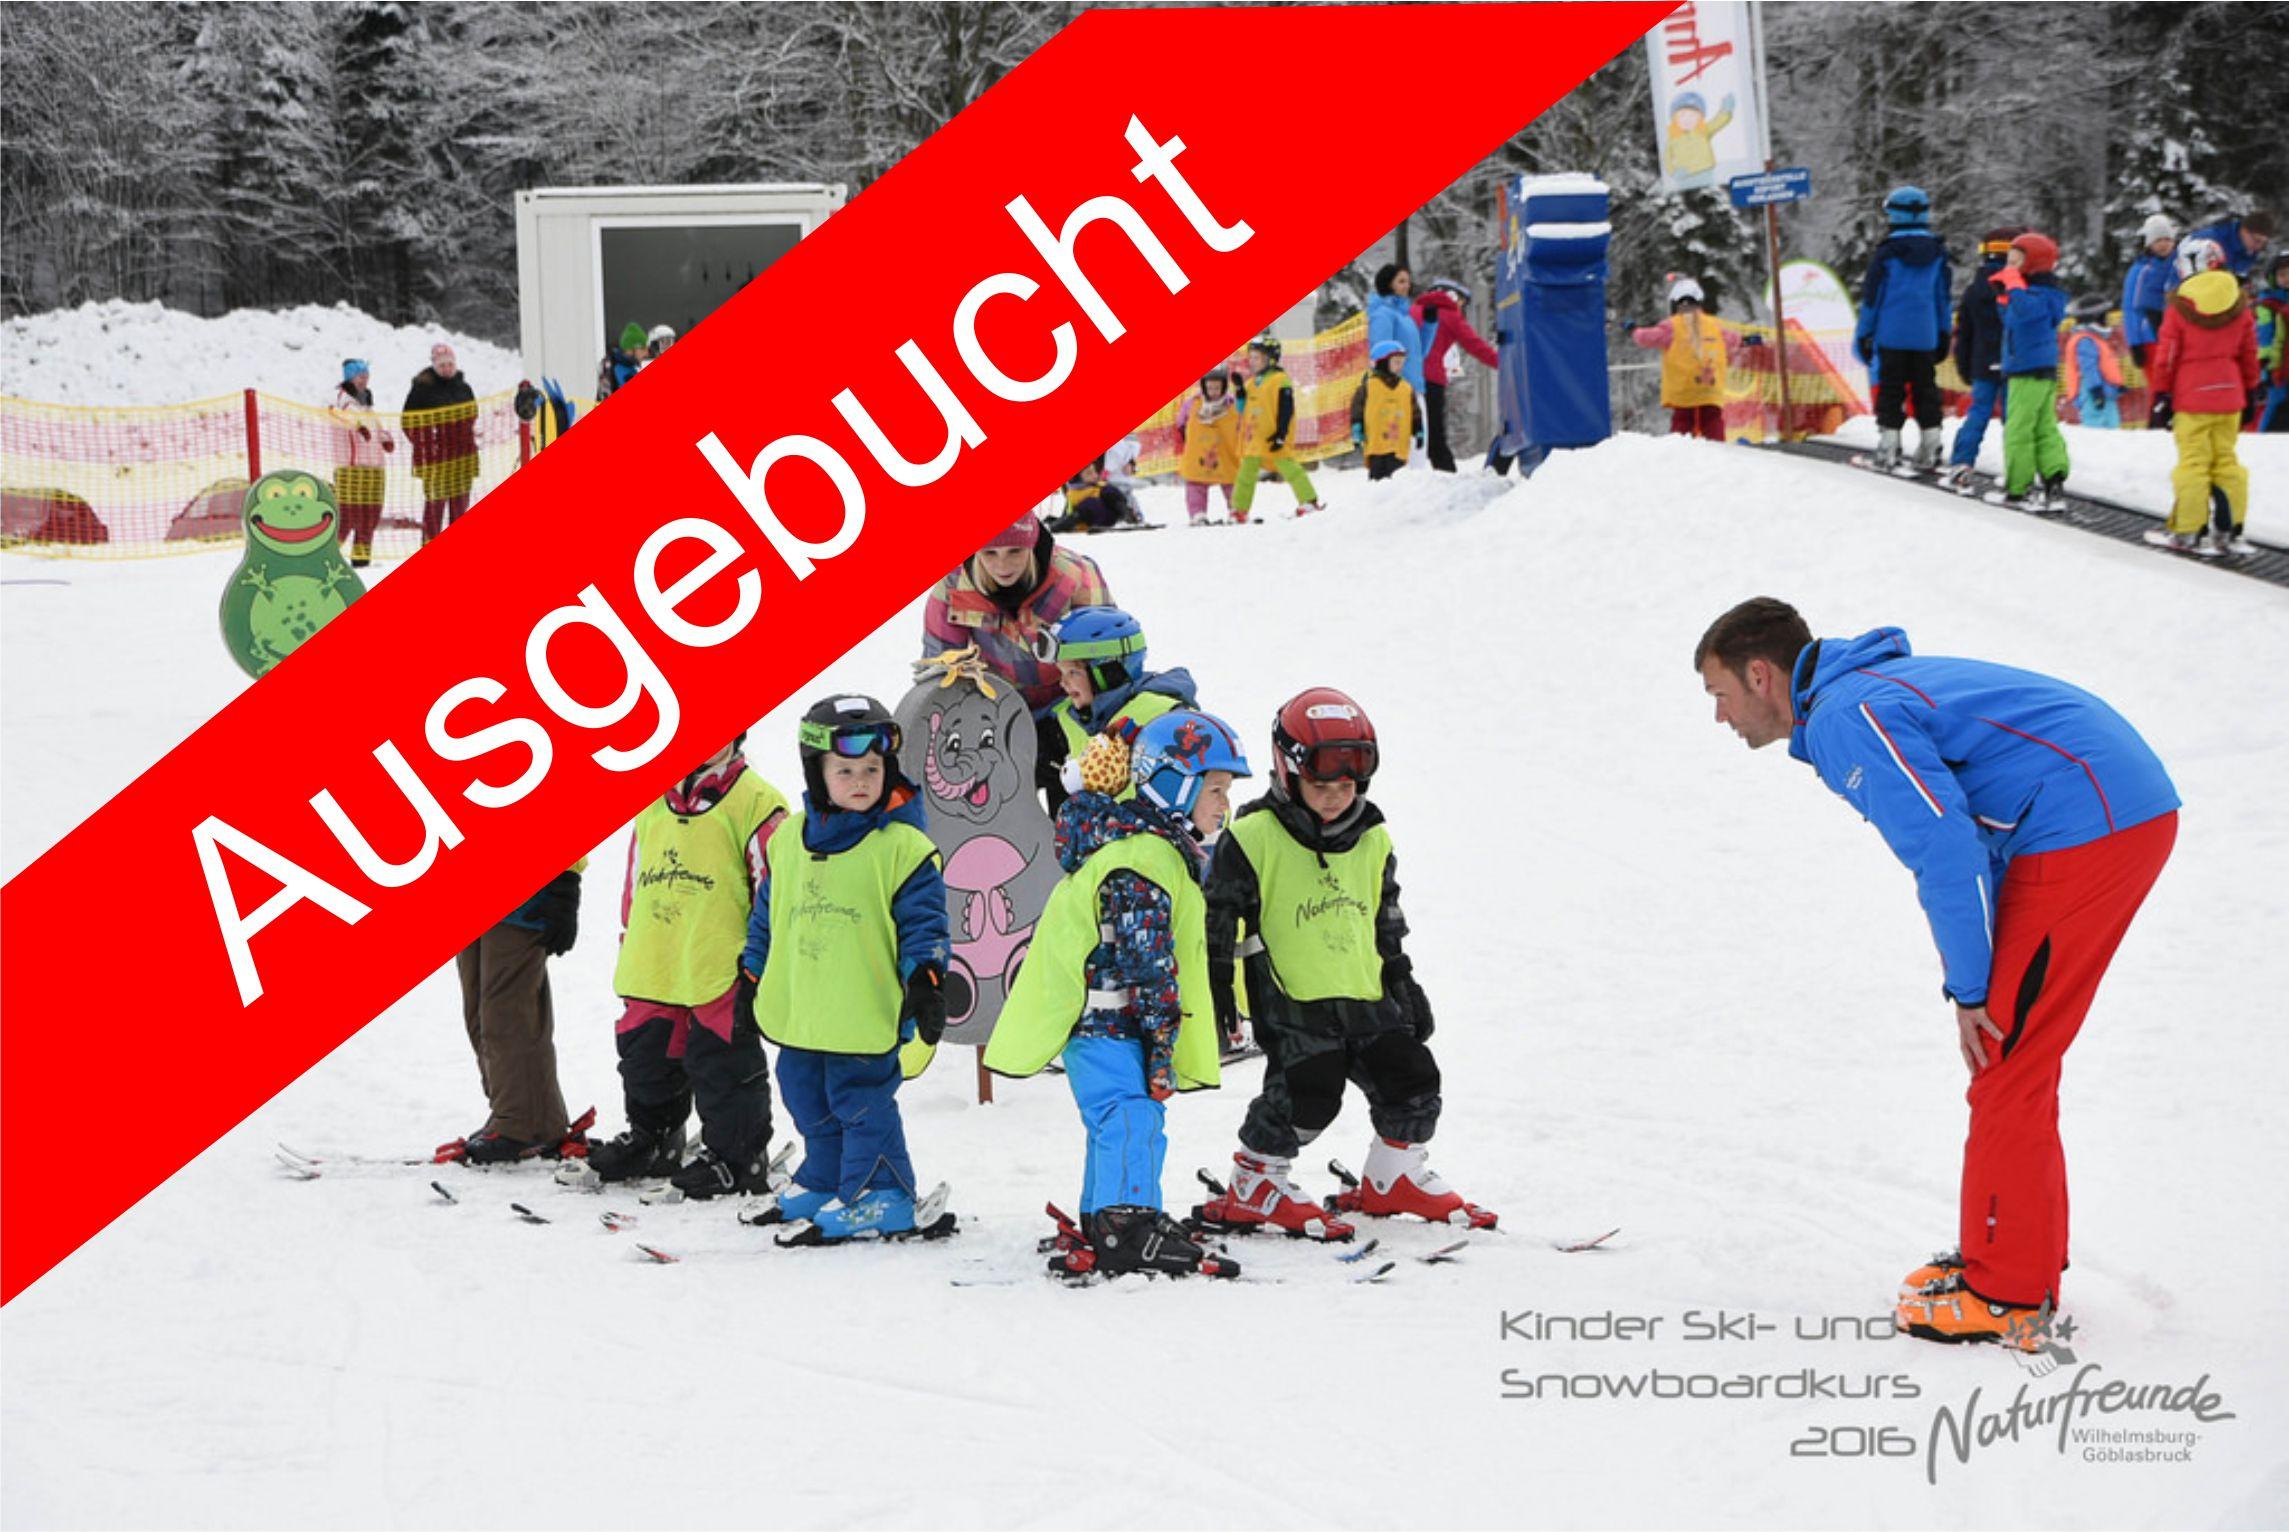 Alle Infos zum Kinderschi u. Snowboardkurs 2019